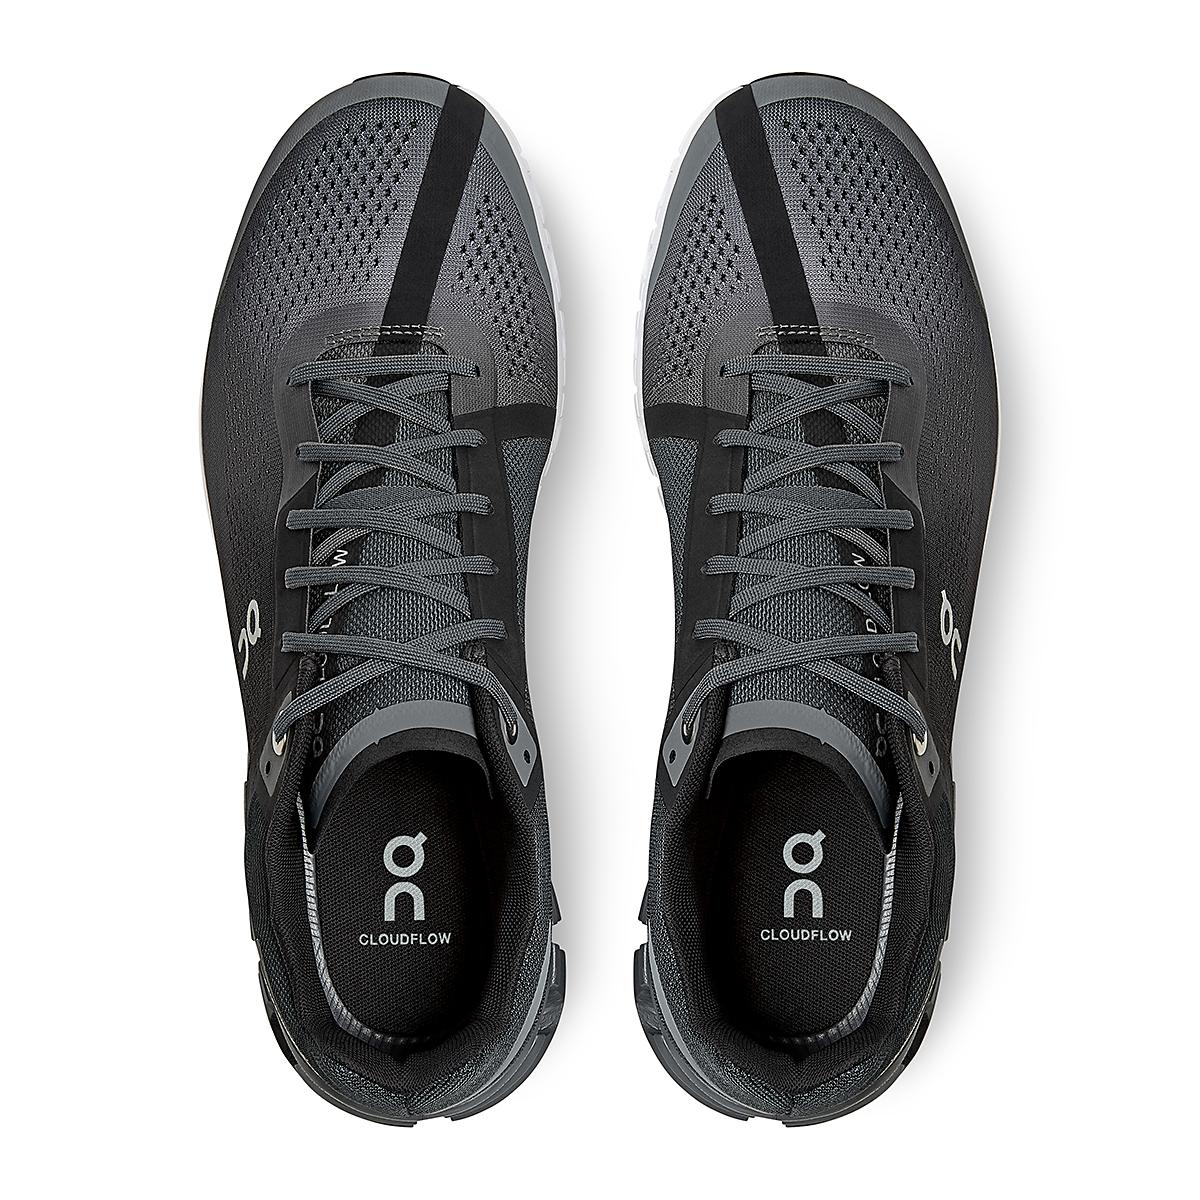 Men's On Cloudflow 3.0 Running Shoe - Color: Black/Asphalt - Size: 7 - Width: Regular, Black/Asphalt, large, image 4